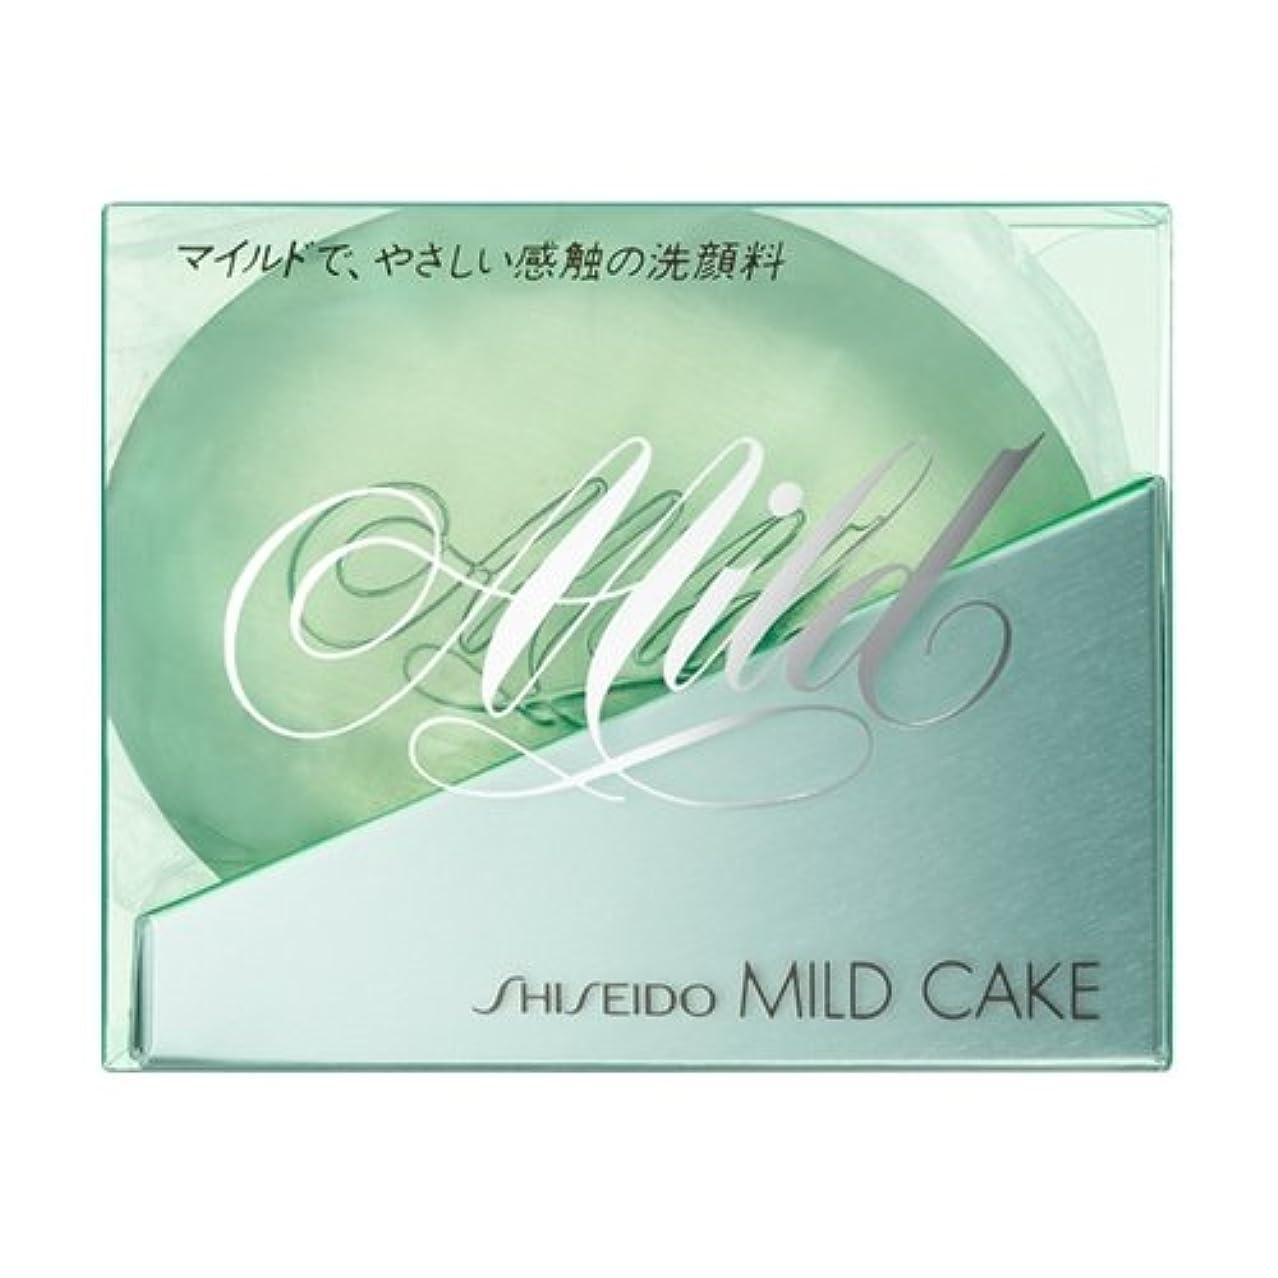 静かなエイズ従順資生堂 マイルドケーキ